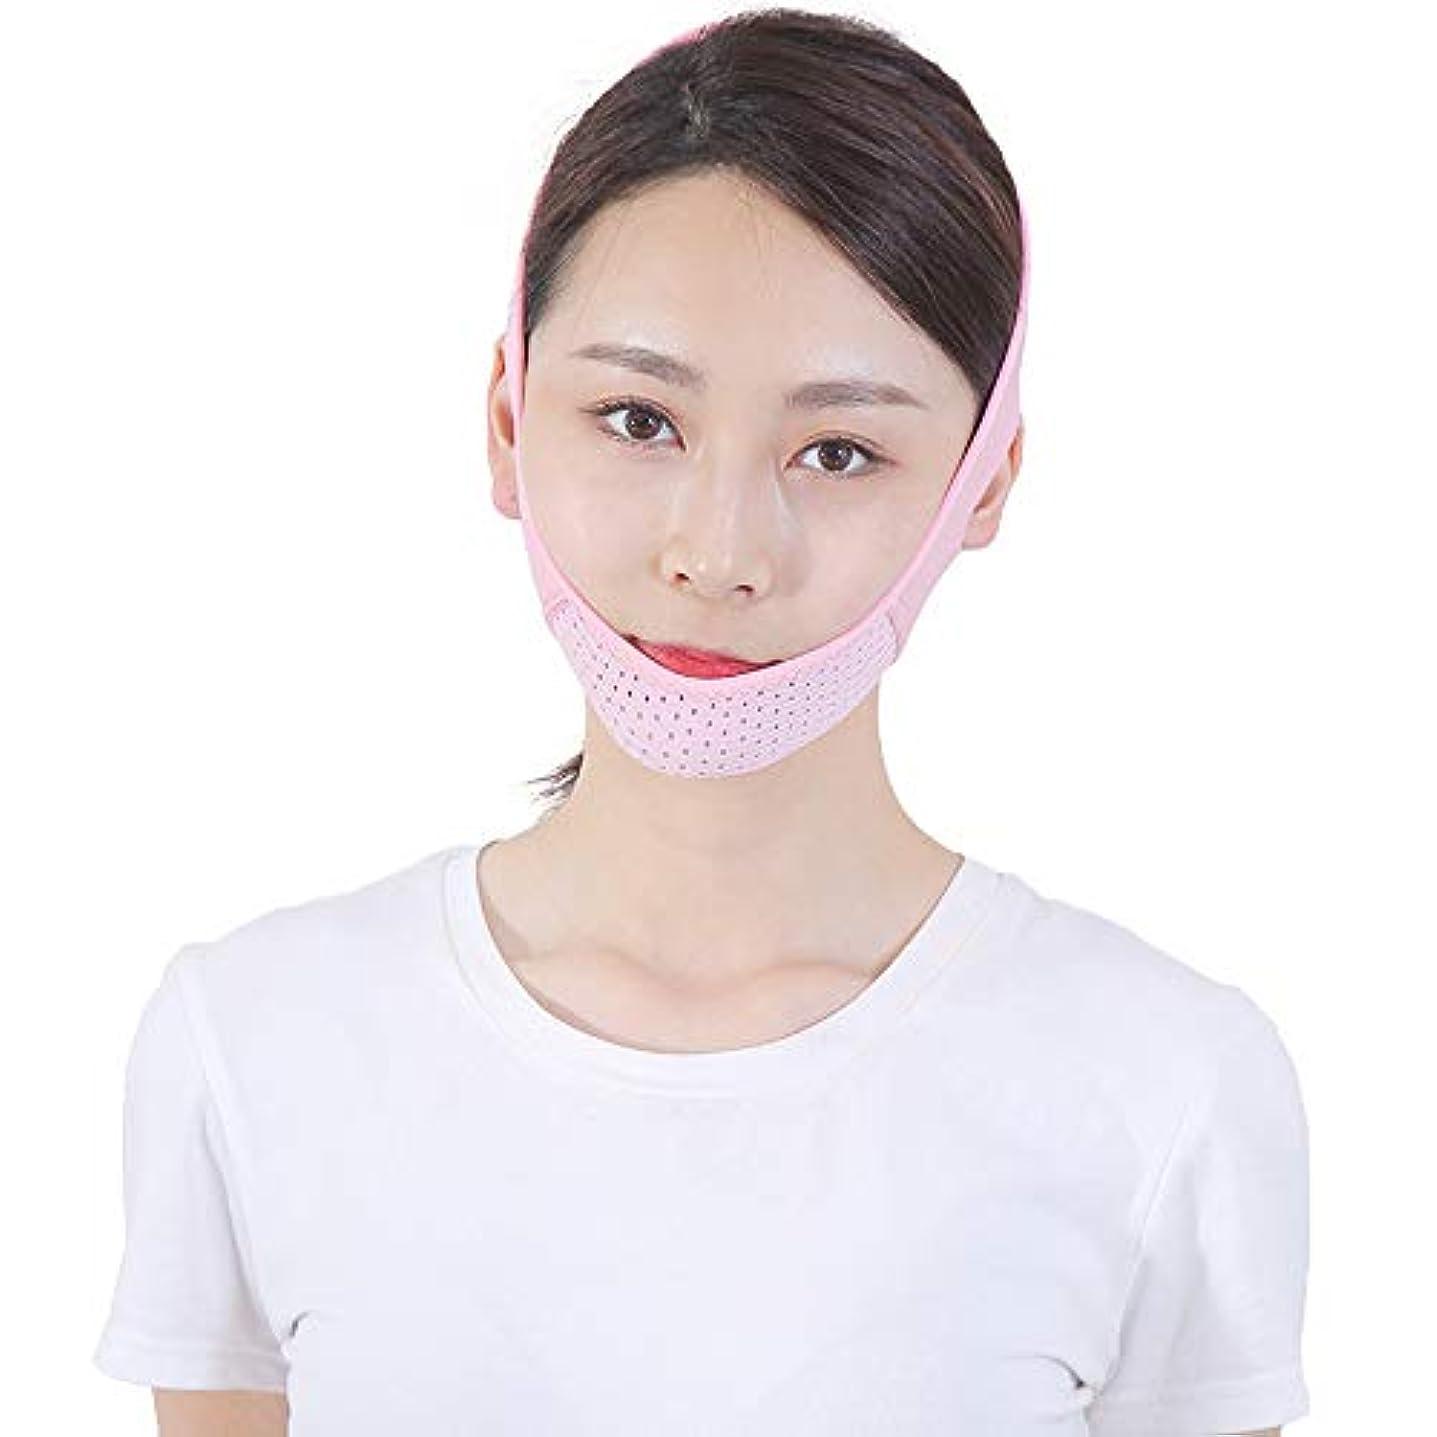 ジョットディボンドンヘルパー一人でGYZ フェイシャルリフティング痩身ベルトフェイススリムゲットダブルチンアンチエイジングリンクルフェイスバンデージマスクシェイピングマスク顔を引き締めるダブルチンワークアウト Thin Face Belt